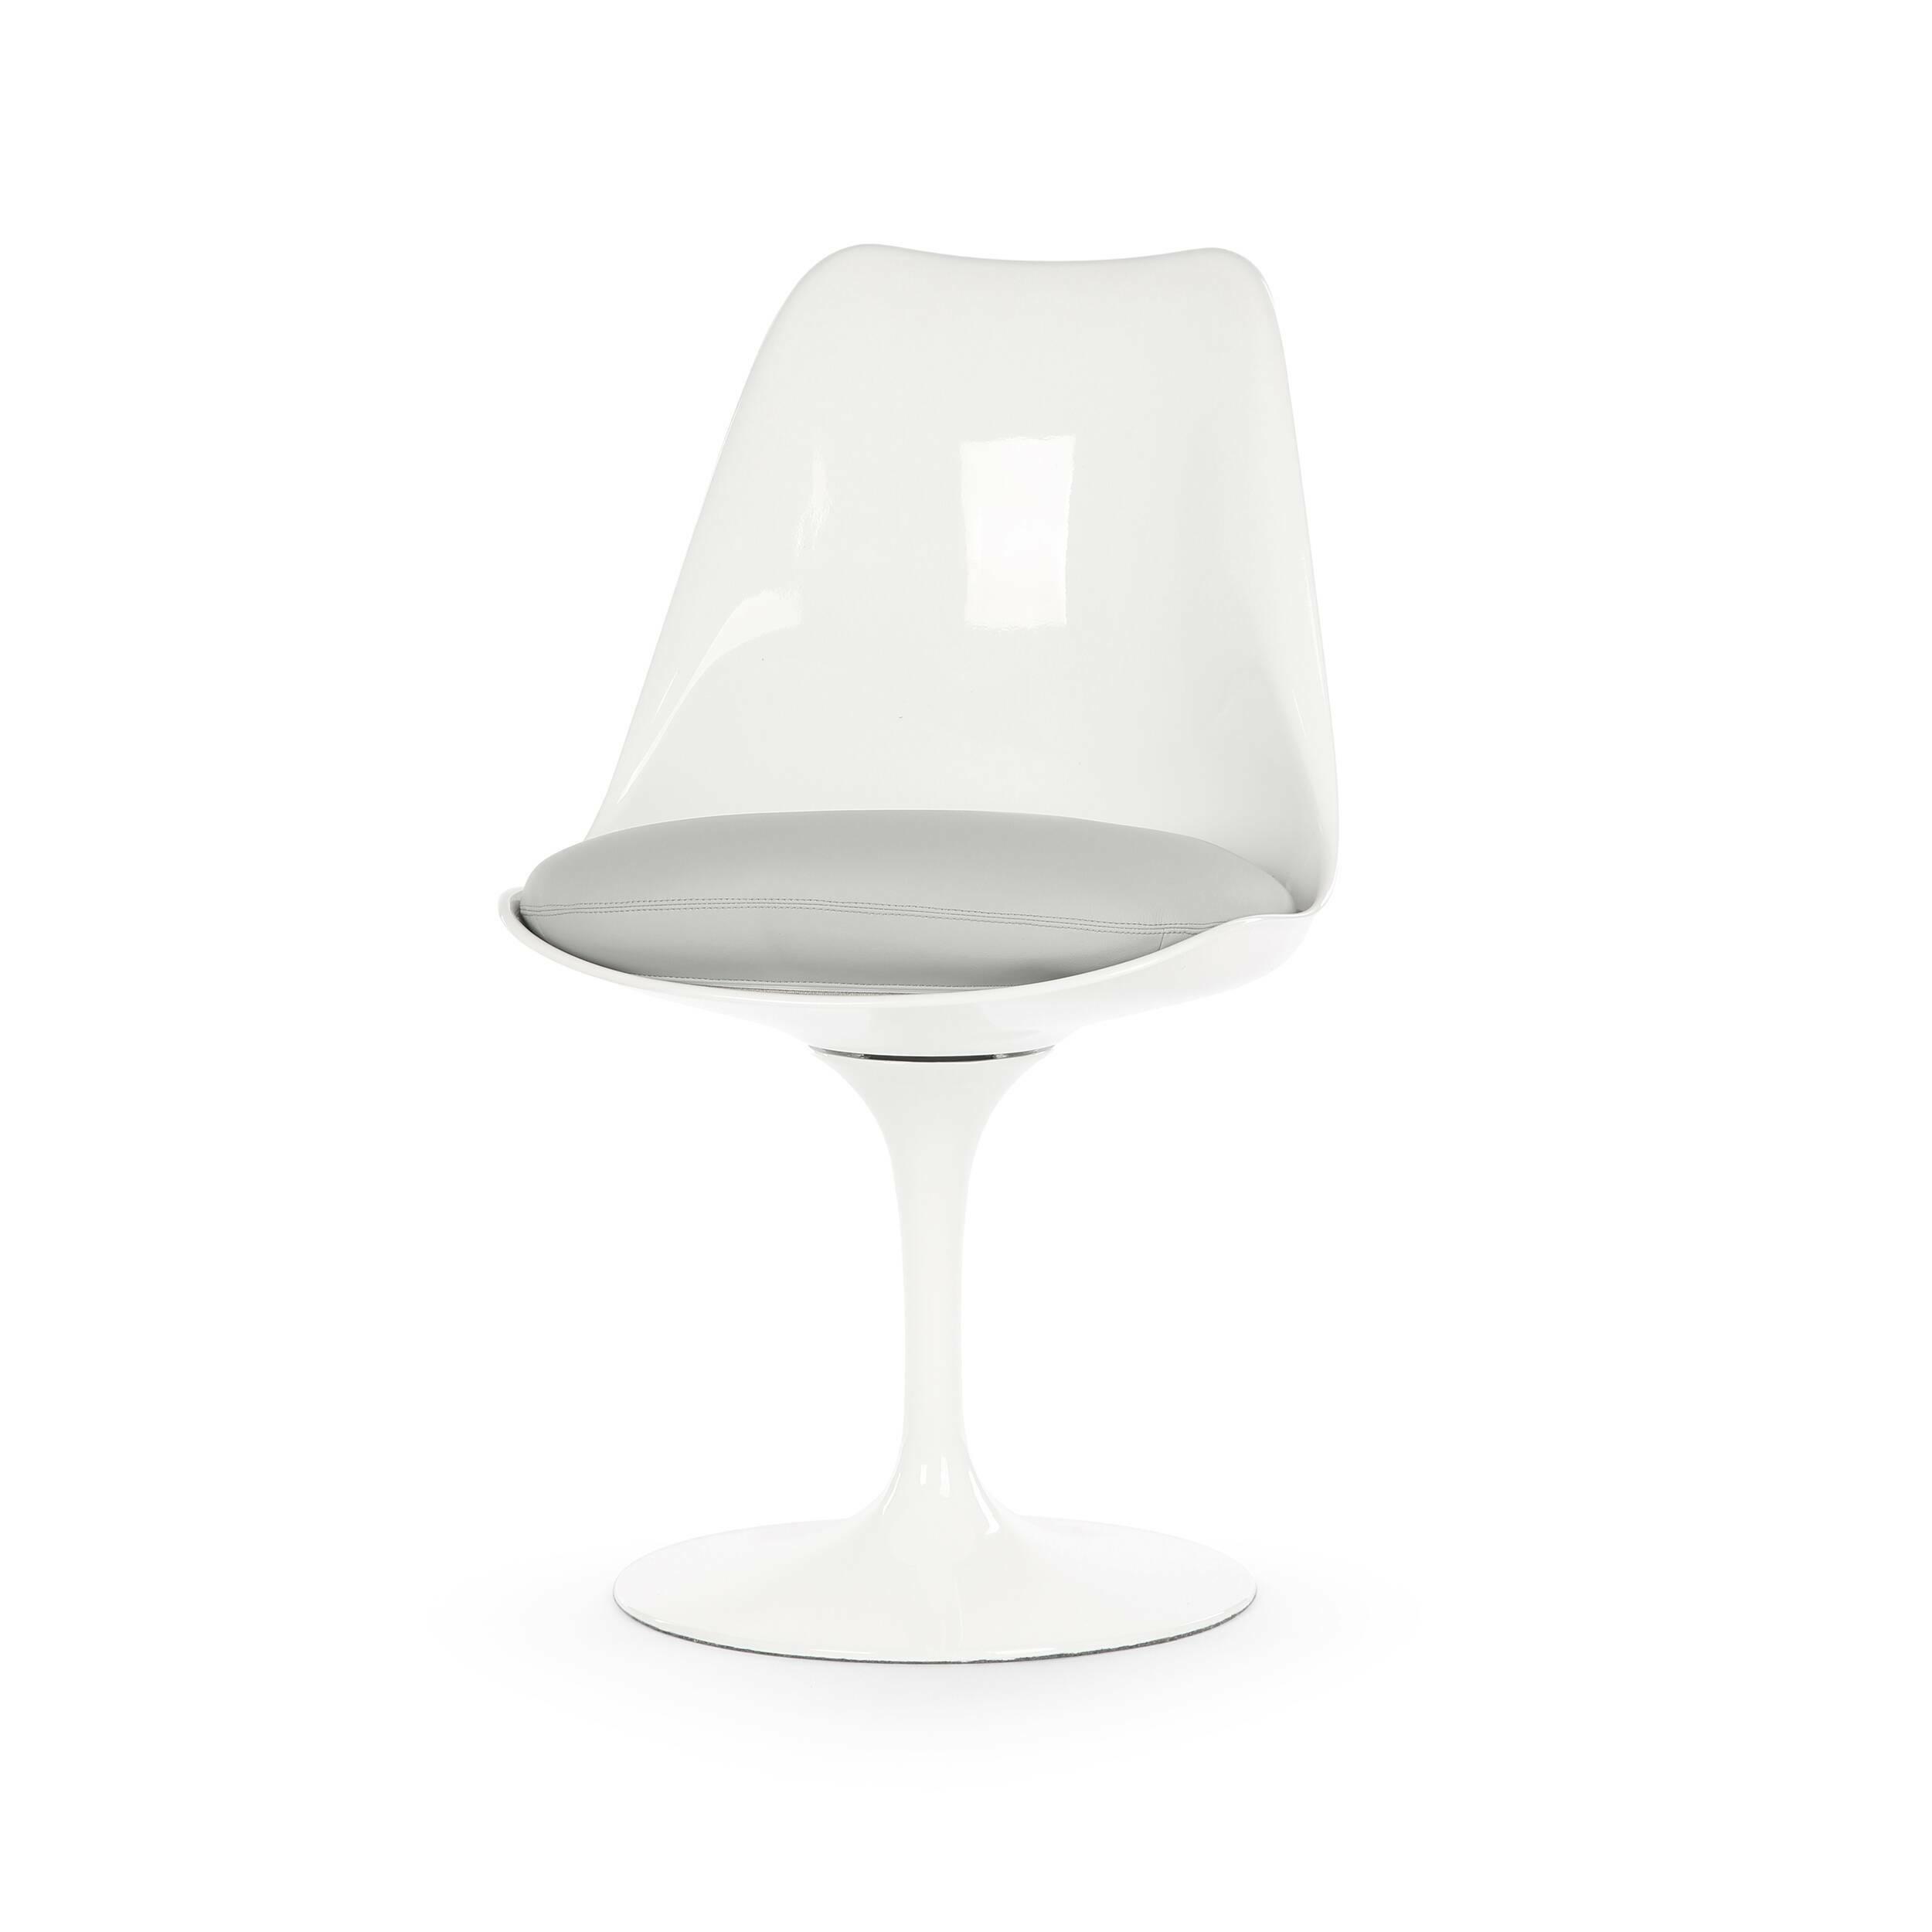 Стул TulipИнтерьерные<br>Дизайнерский стул Tulip (Тьюлип) из стекловолокна на алюминиевой ножке от Cosmo (Космо).<br><br> Стул Tulip — это один из самых знаменитых предметов мебели, он был разработан в 1958 году Ээро Саариненом. Поистине футуристический дизайн и классика модерна. Первый в мире одноногий стул изменил будущее дизайна мебели. Формой стул напоминает бокал или, как видно из названия, — тюльпан. Уникальное основание постамента обеспечивает устойчивость и выглядит эстетически привлекательным. Избавив стул от тр...<br><br>stock: 0<br>Высота: 81<br>Высота сиденья: 46<br>Ширина: 49,5<br>Глубина: 53<br>Цвет ножек: Белый глянец<br>Механизмы: Поворотная функция<br>Тип материала каркаса: Стекловолокно<br>Материал сидения: Полиуретан<br>Цвет сидения: Светло-серый<br>Тип материала сидения: Кожа искусственная<br>Коллекция ткани: Premium Grade PU<br>Тип материала ножек: Алюминий<br>Цвет каркаса: Белый глянец